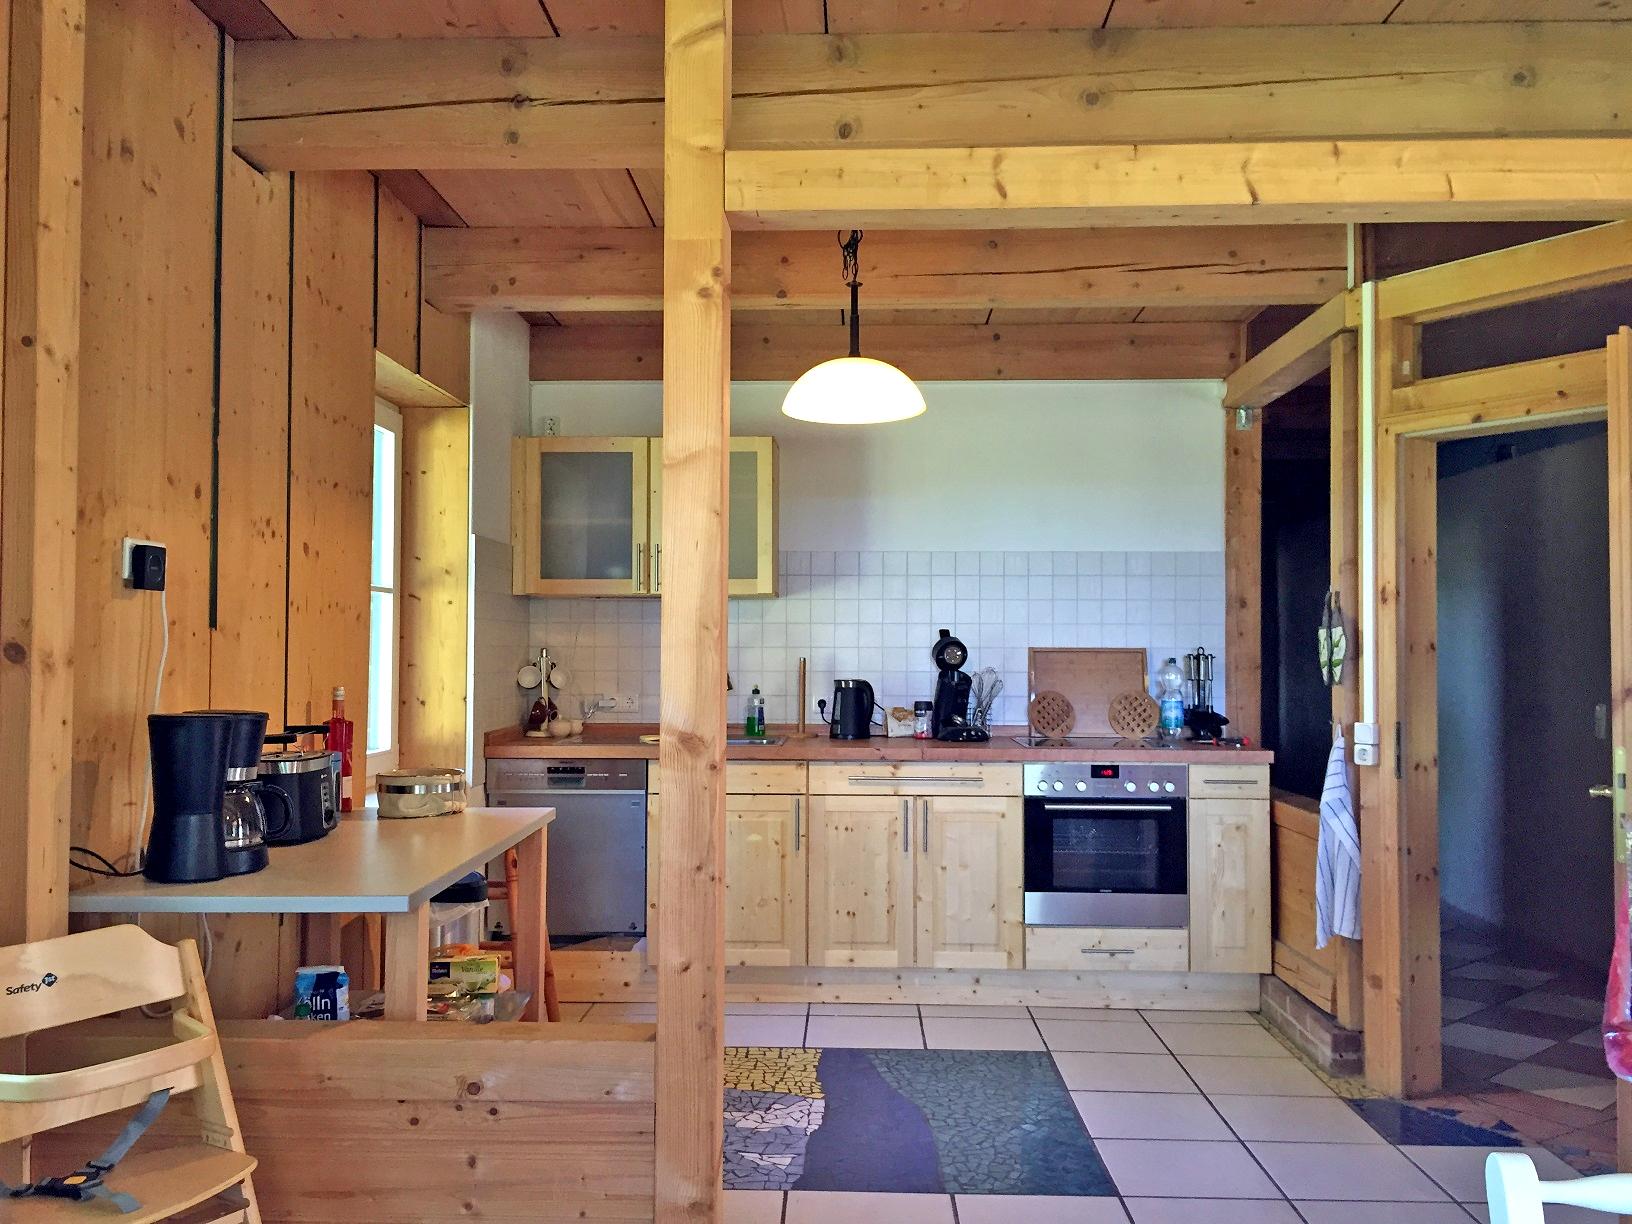 Wohnküche im Ferienhaus Inselland